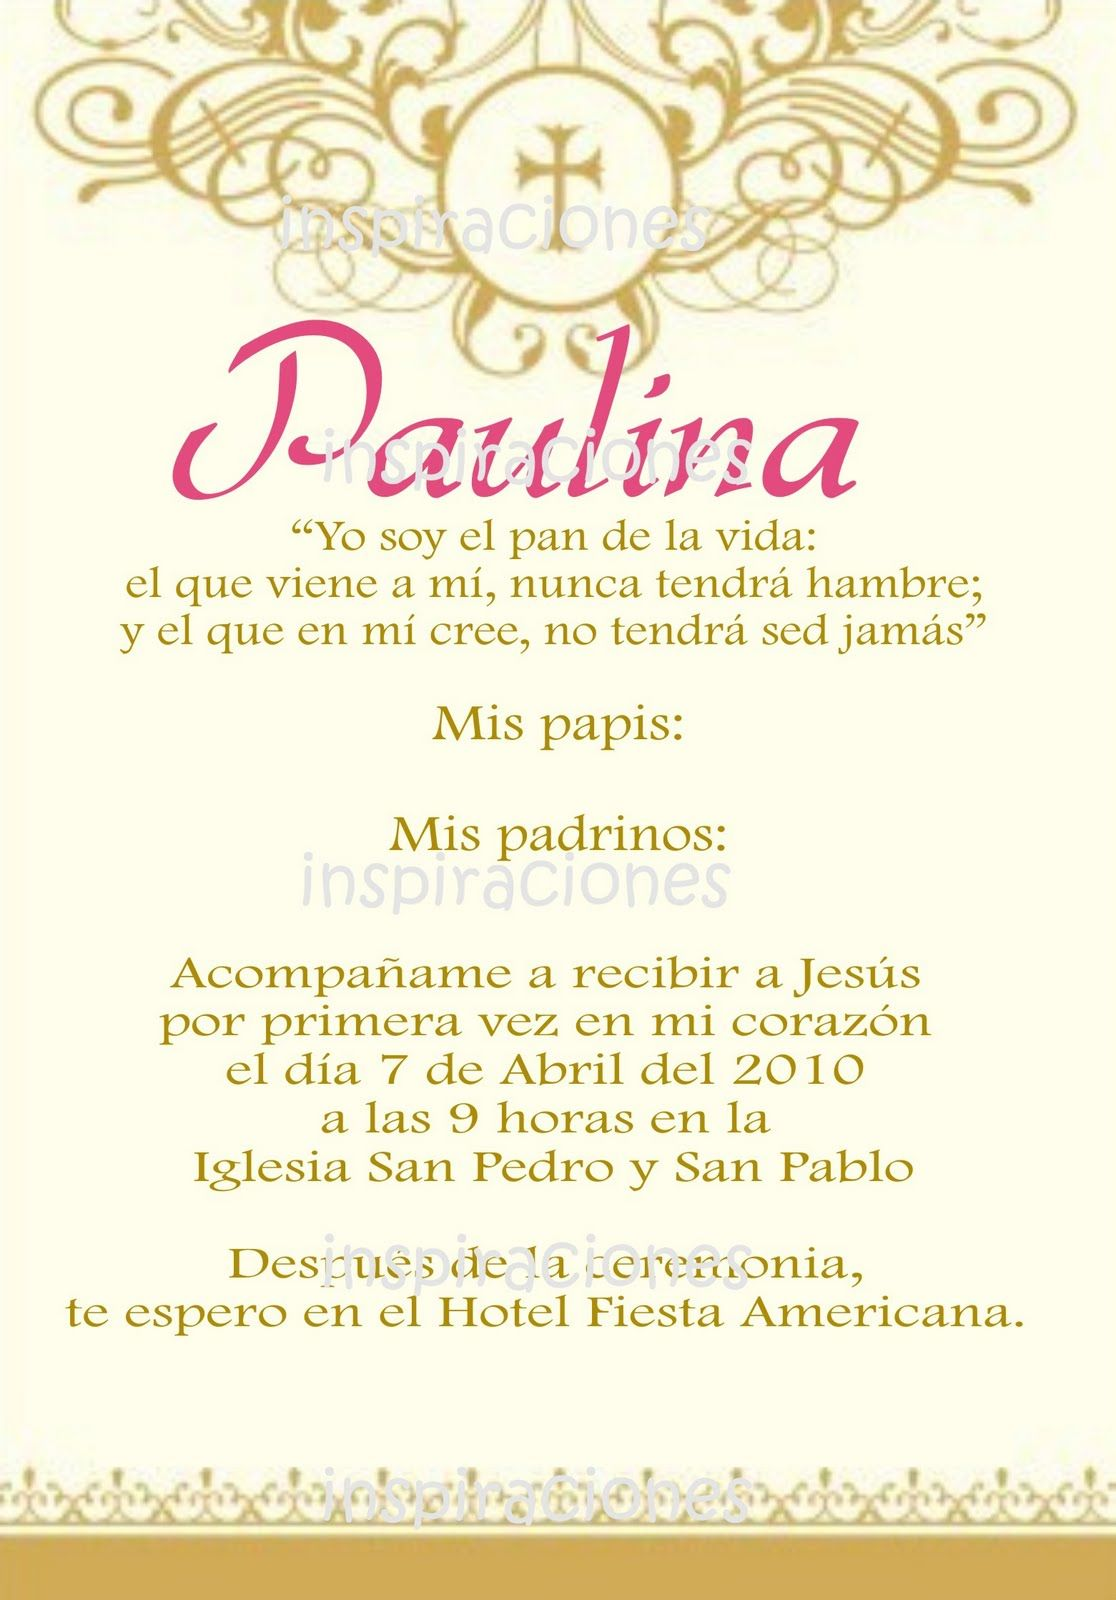 Invitaciones de primera comunion en espanol - Invitaciones comunion busquets ...